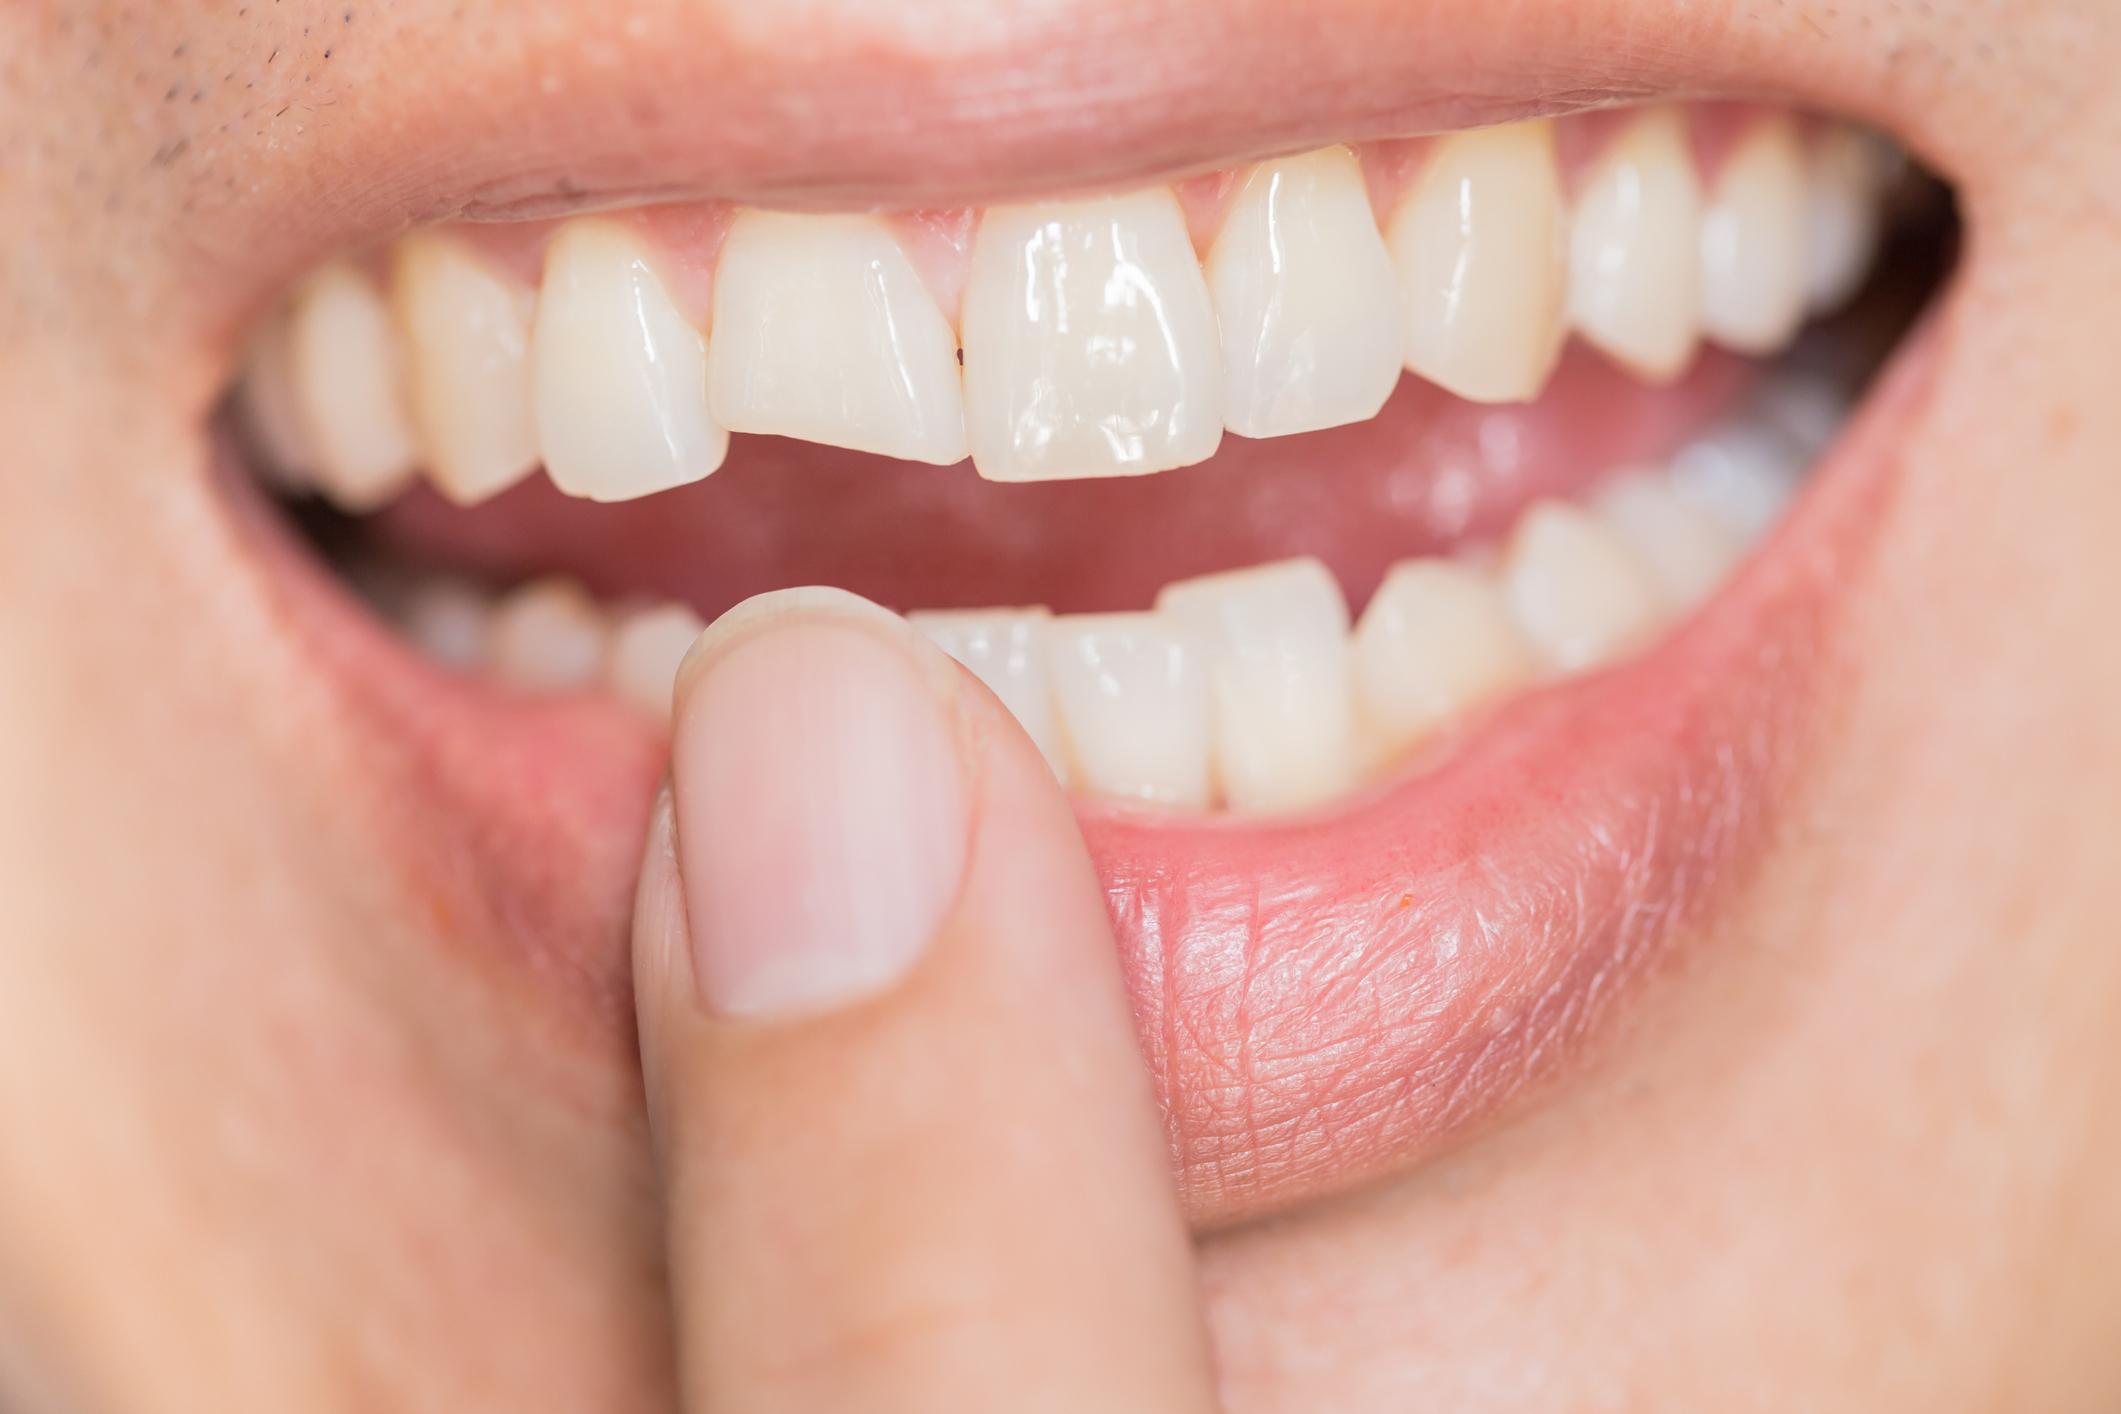 Złamany ząb. Jak poprawić jego wygląd?